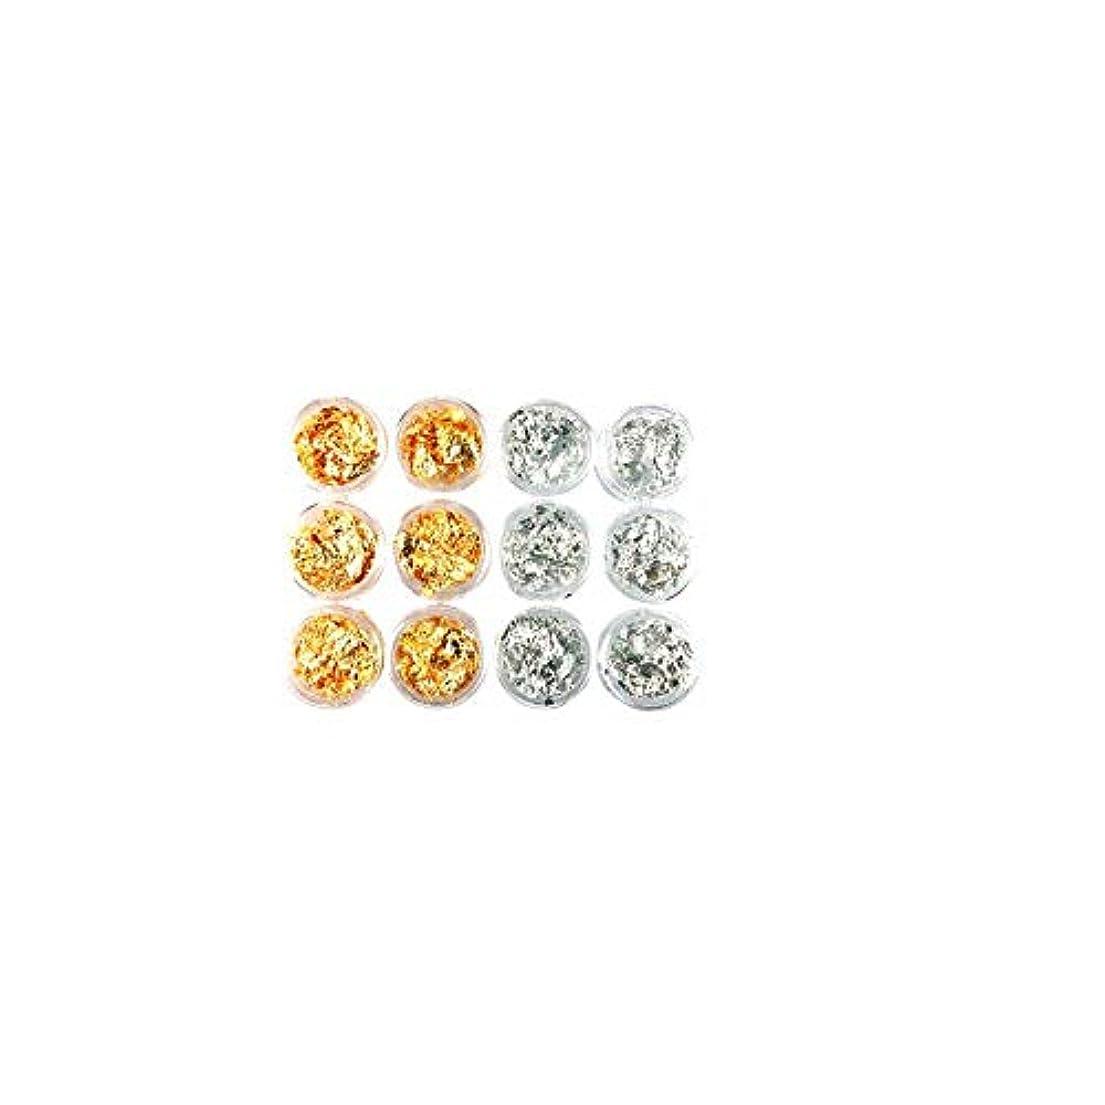 規模劣る生Onior 12パックゴールドシルバーネイルシャイニングフォイルスパンコール超薄型ネイルグリッタースパンコールdiyネイルアートグリッター装飾用フェイスボディヘアナイ丈夫で実用的